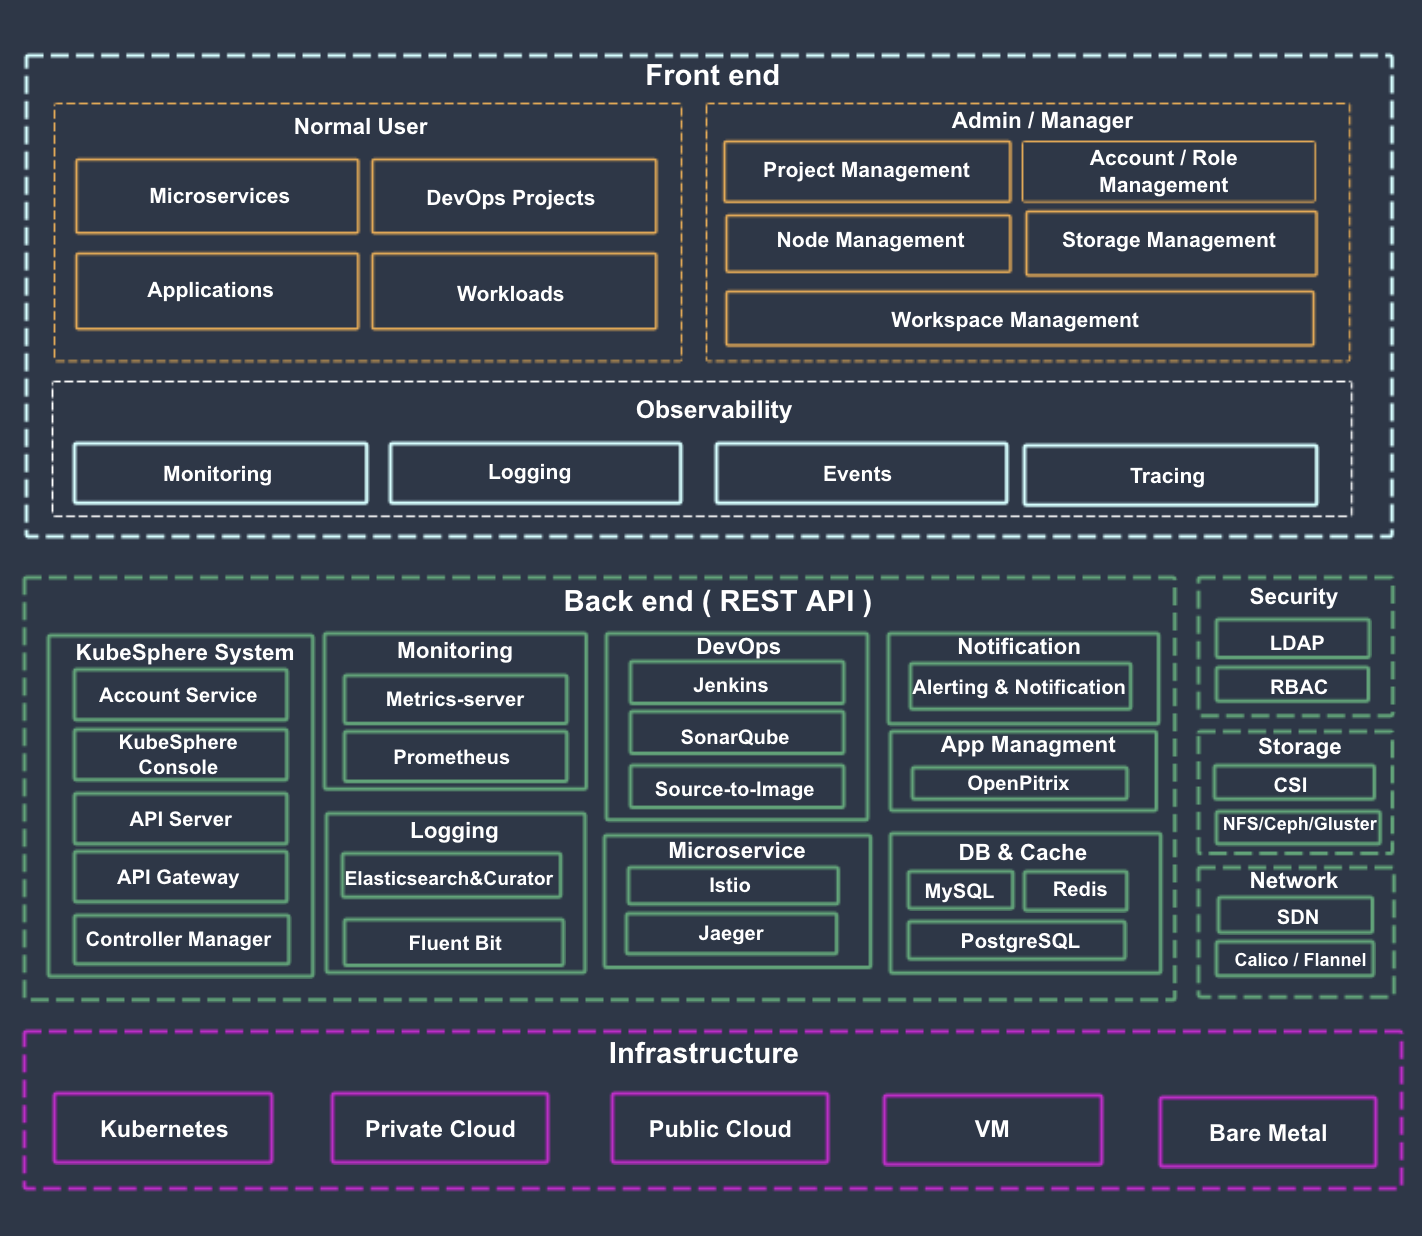 架构说明 - 图1